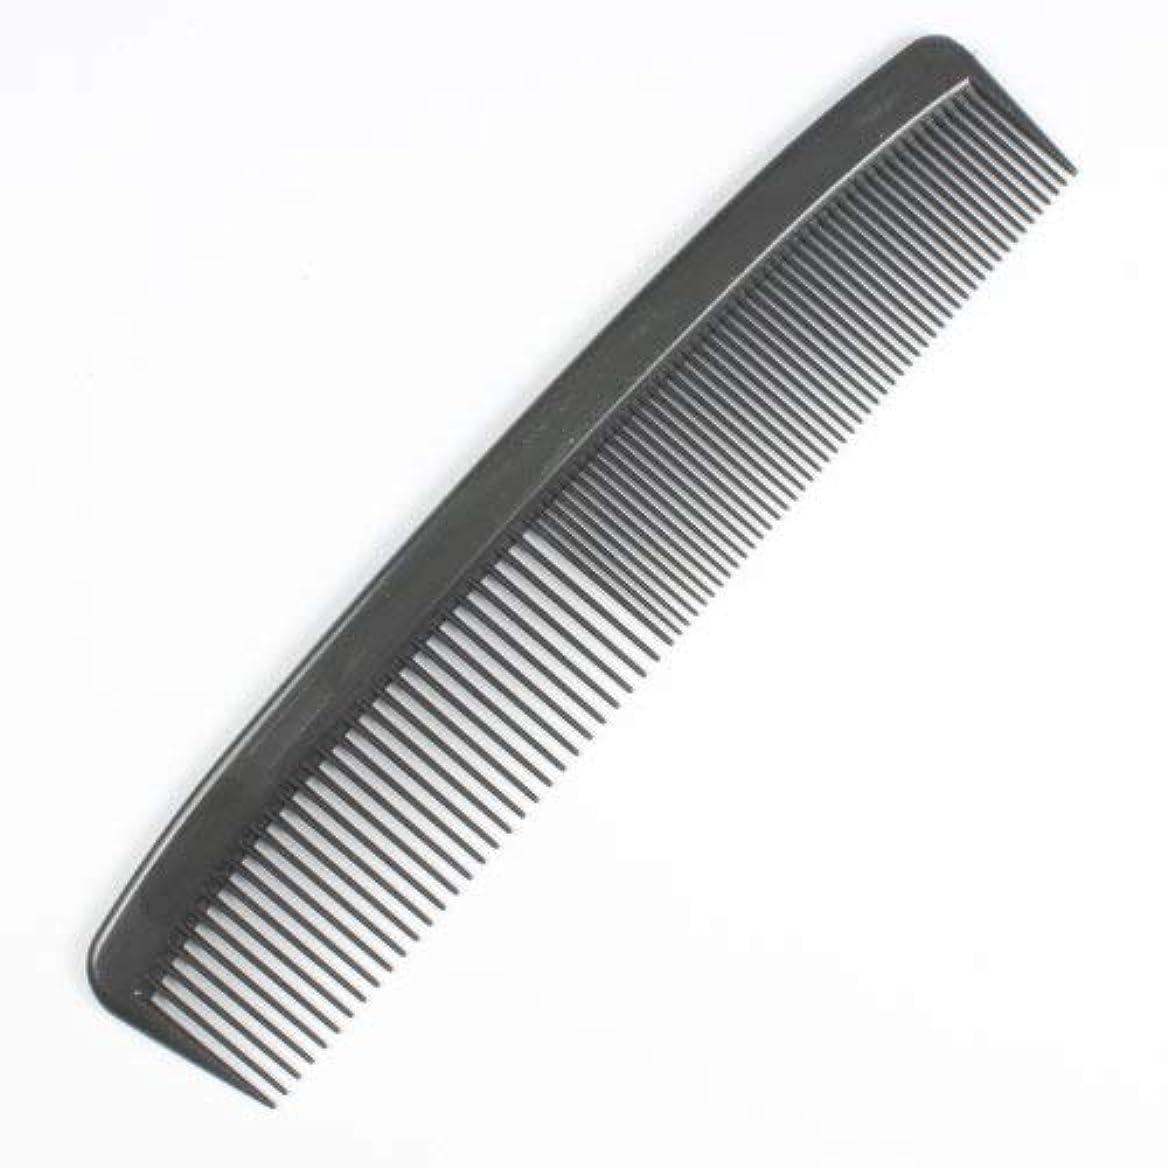 終わらせる知覚するトラックDynarex Adult Combs, 5 Inches, Black, 240 Count [並行輸入品]